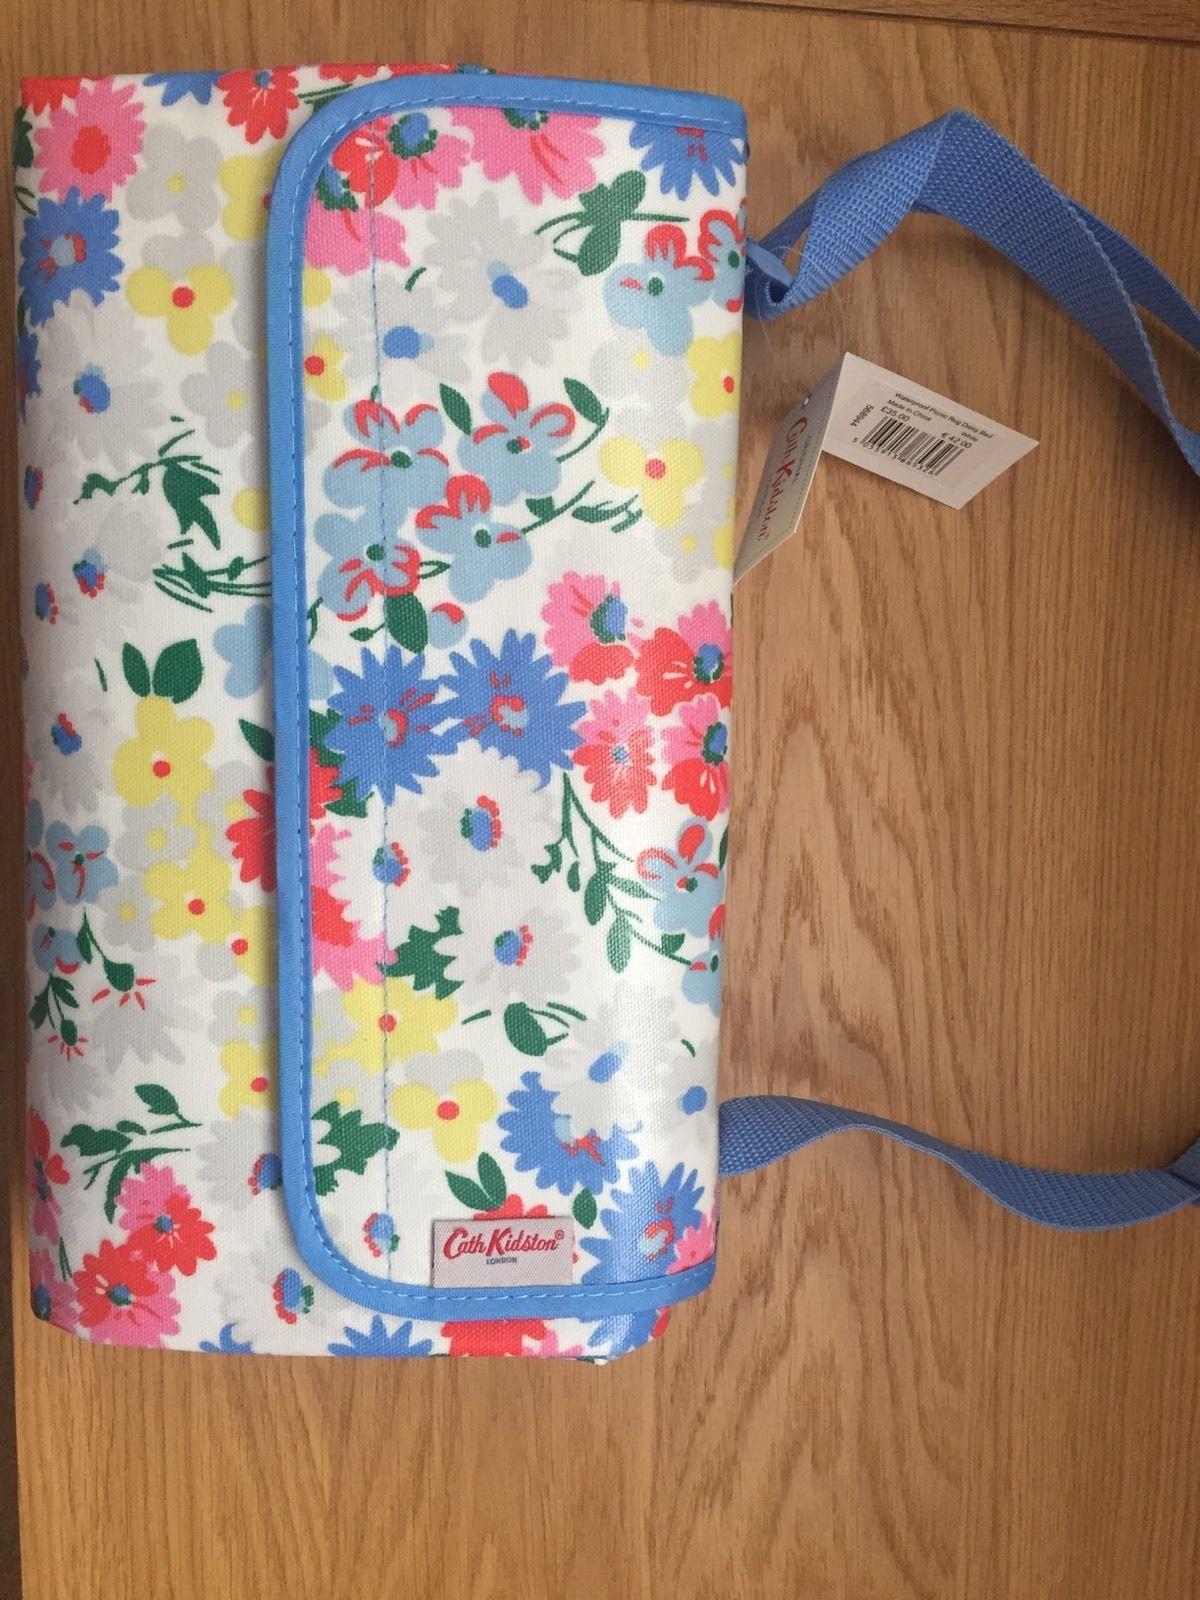 Bnwt Cath Kidston Waterproof Picnic Rug Mat Blanket Ebay